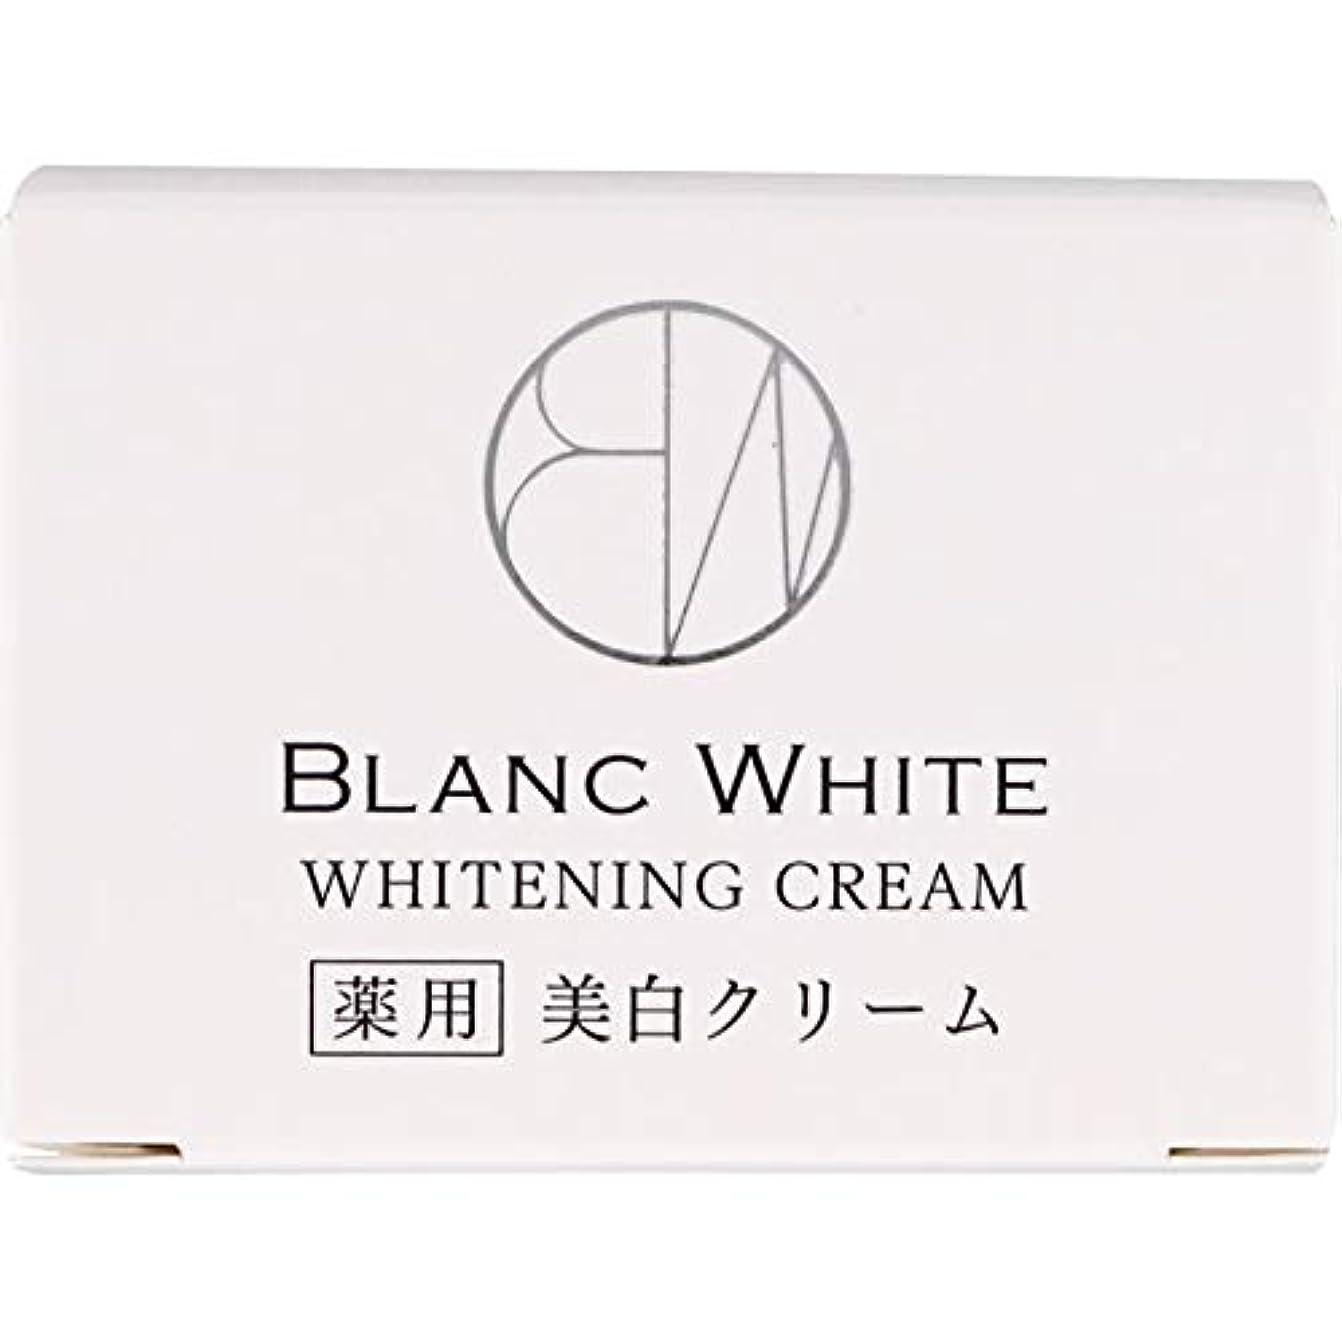 イベントさまよう甘いブランホワイト ホワイトニング クリーム 45g